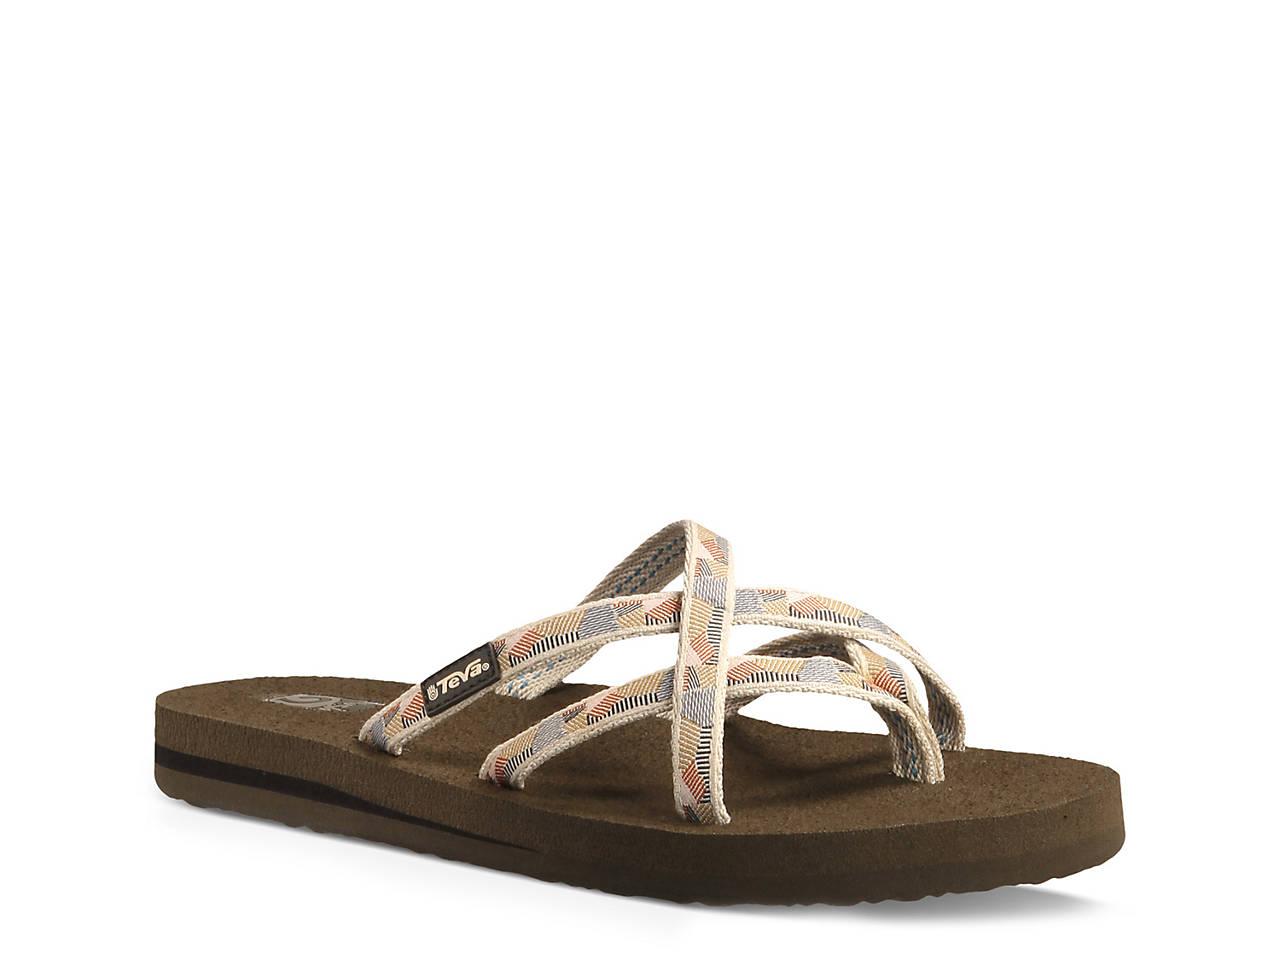 61c246cd0 Teva Olowahu Patterned Flip Flop Women s Shoes